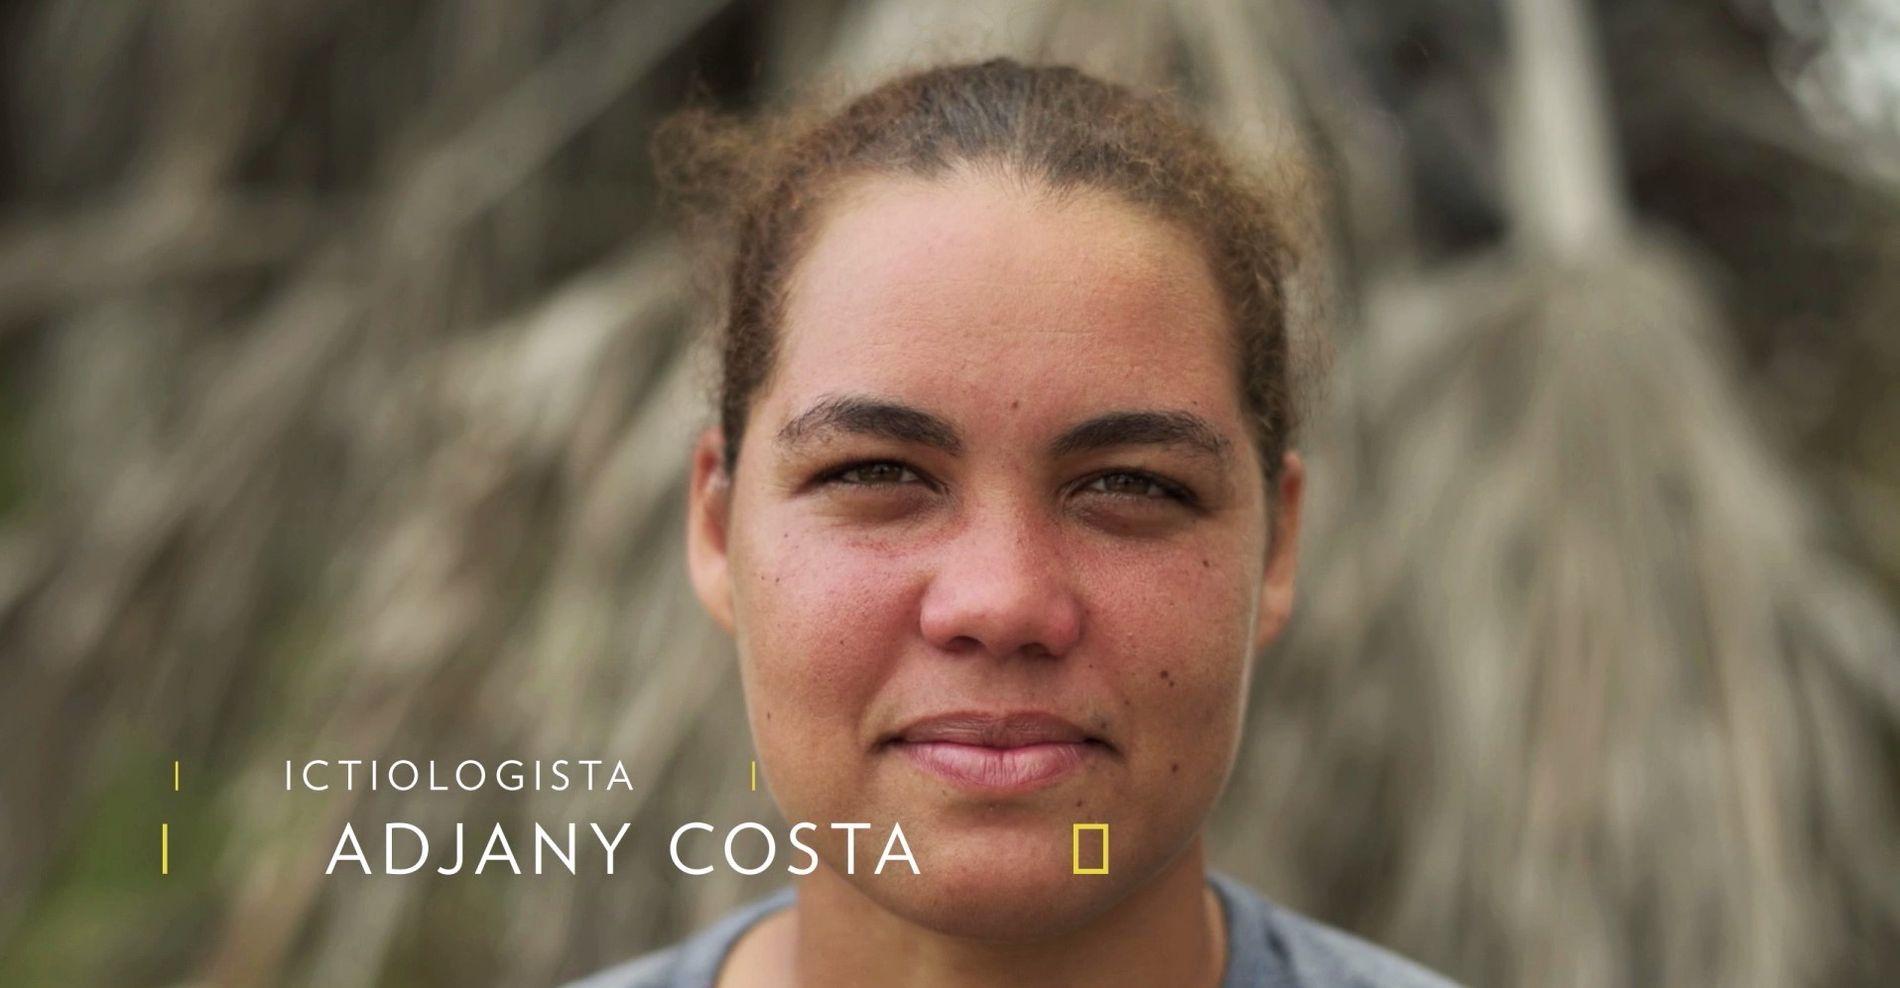 Adjany Costa